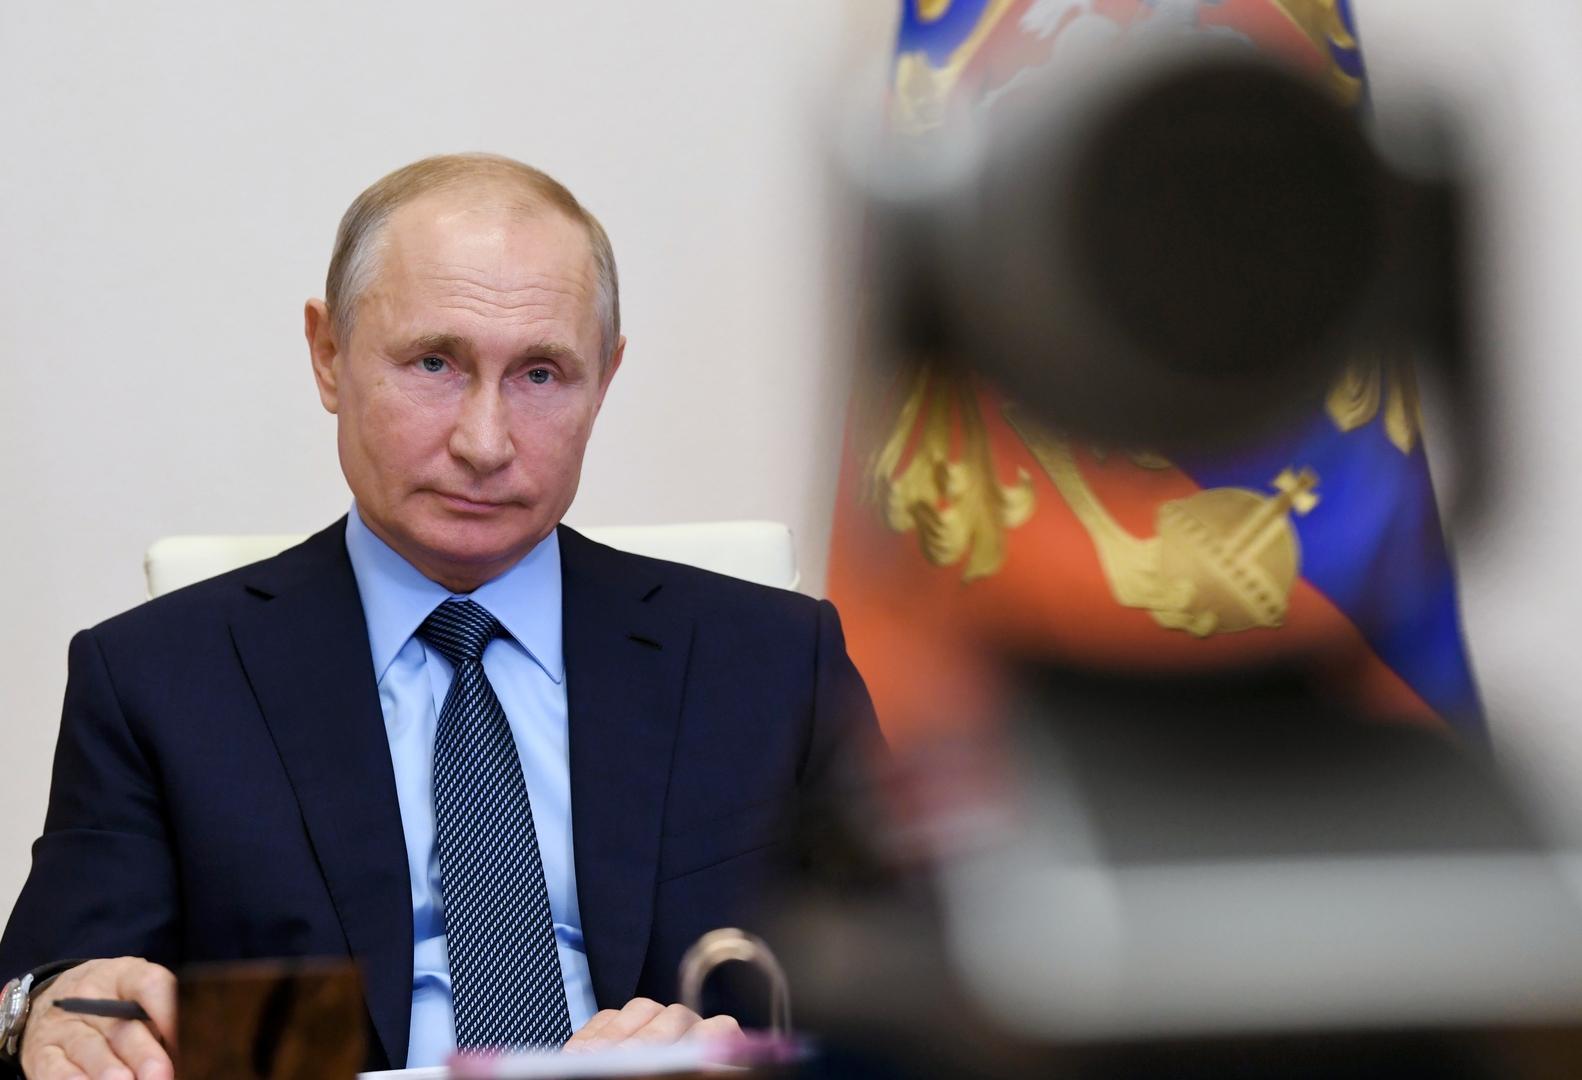 بوتين للمسؤولين: اعملوا  بدل الانشغال الآن في البحث عن خليفة لي!